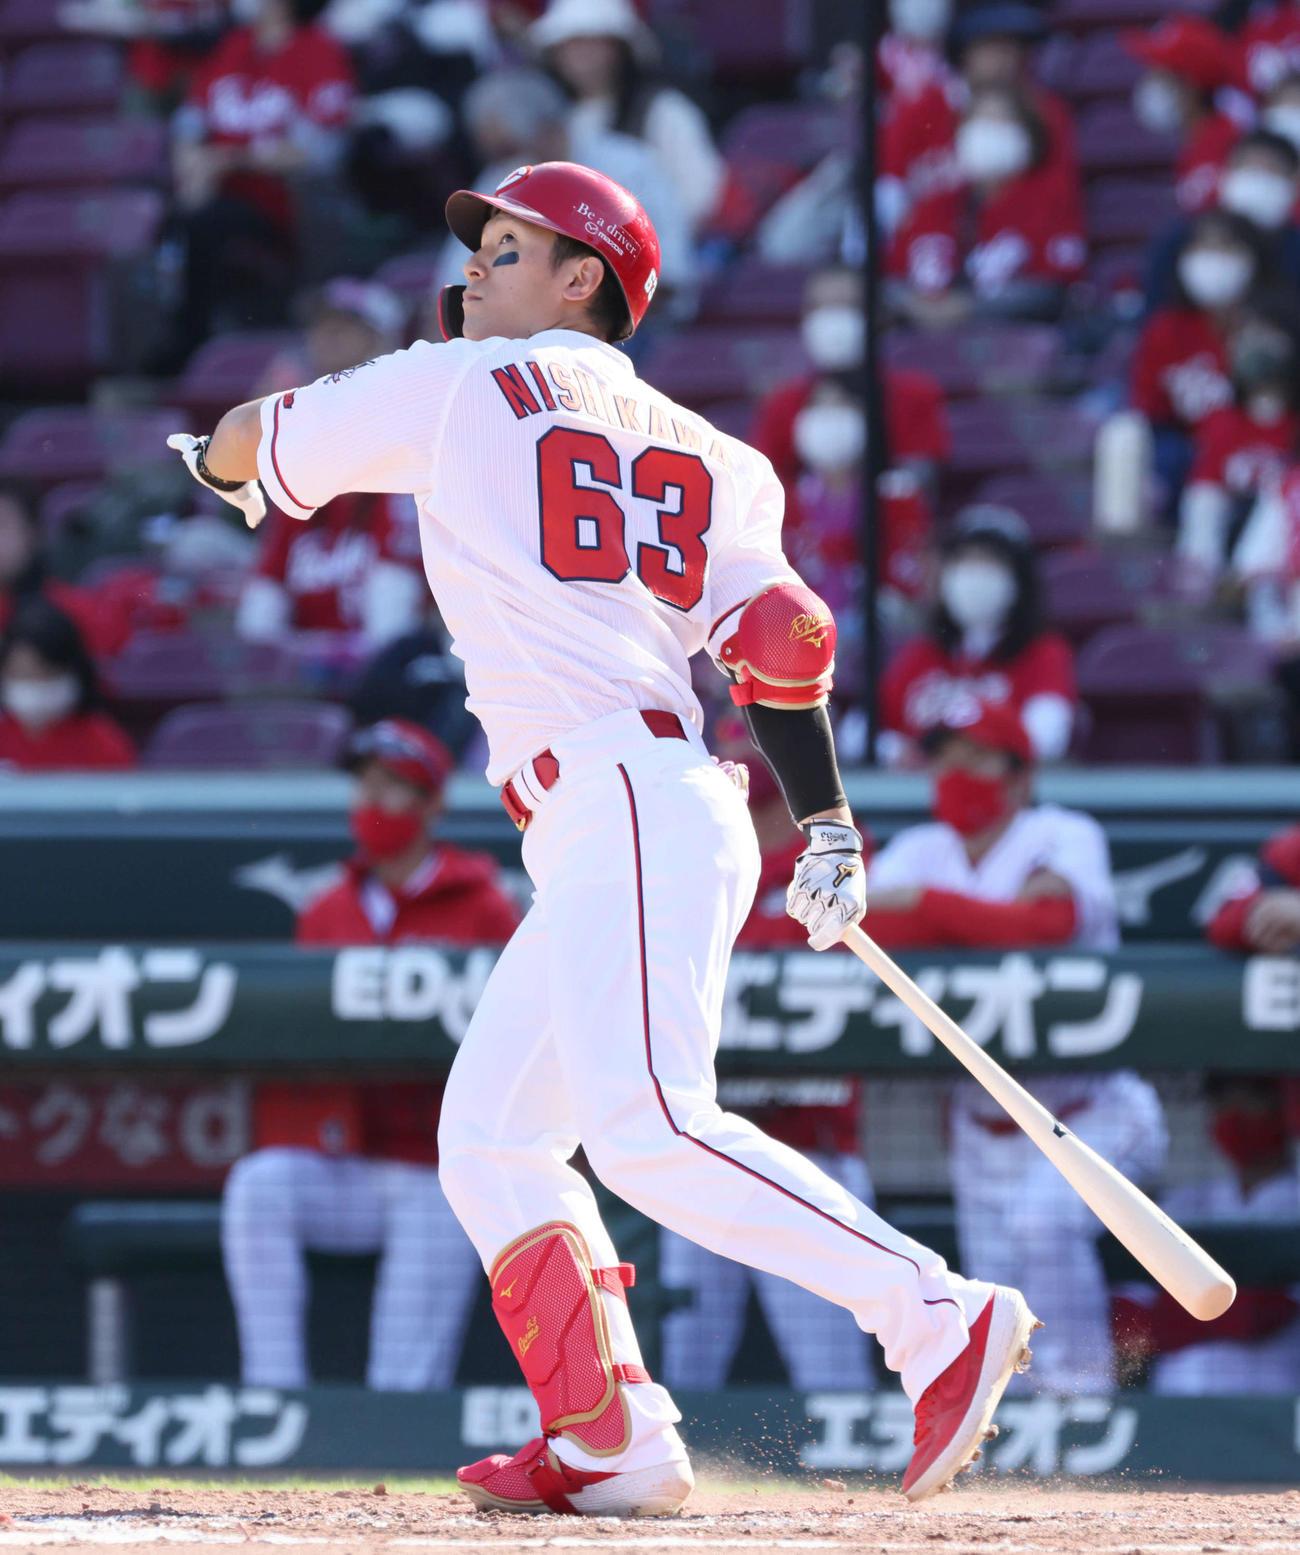 広島対中日 4回裏広島1死、広島西川龍馬は先制左越え本塁打を放つ(撮影・加藤孝規)